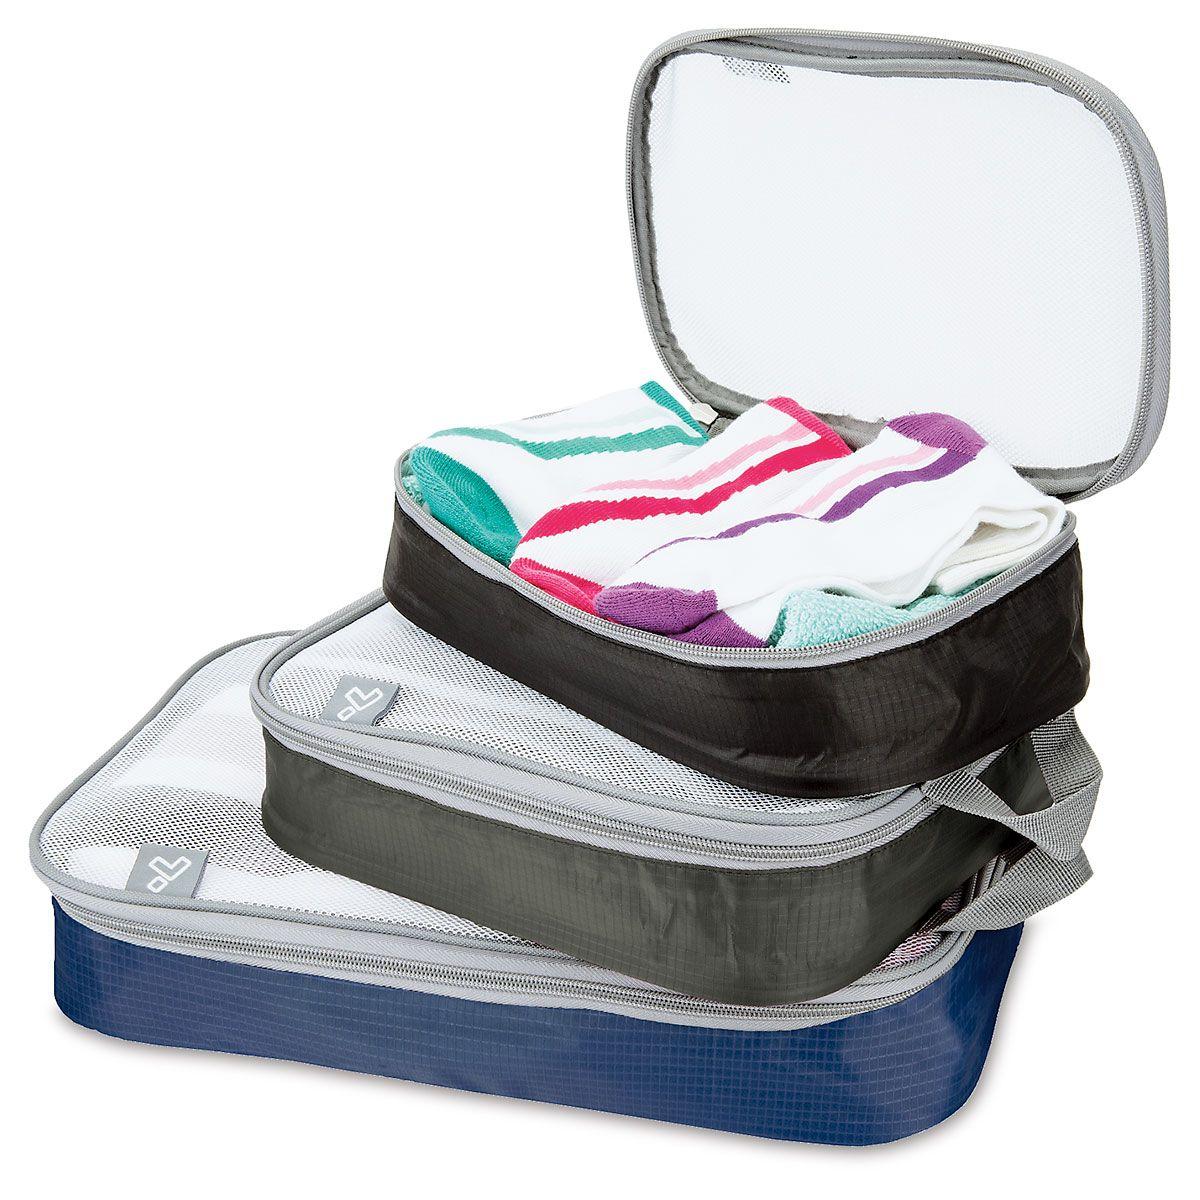 Travelon Packing Organizers